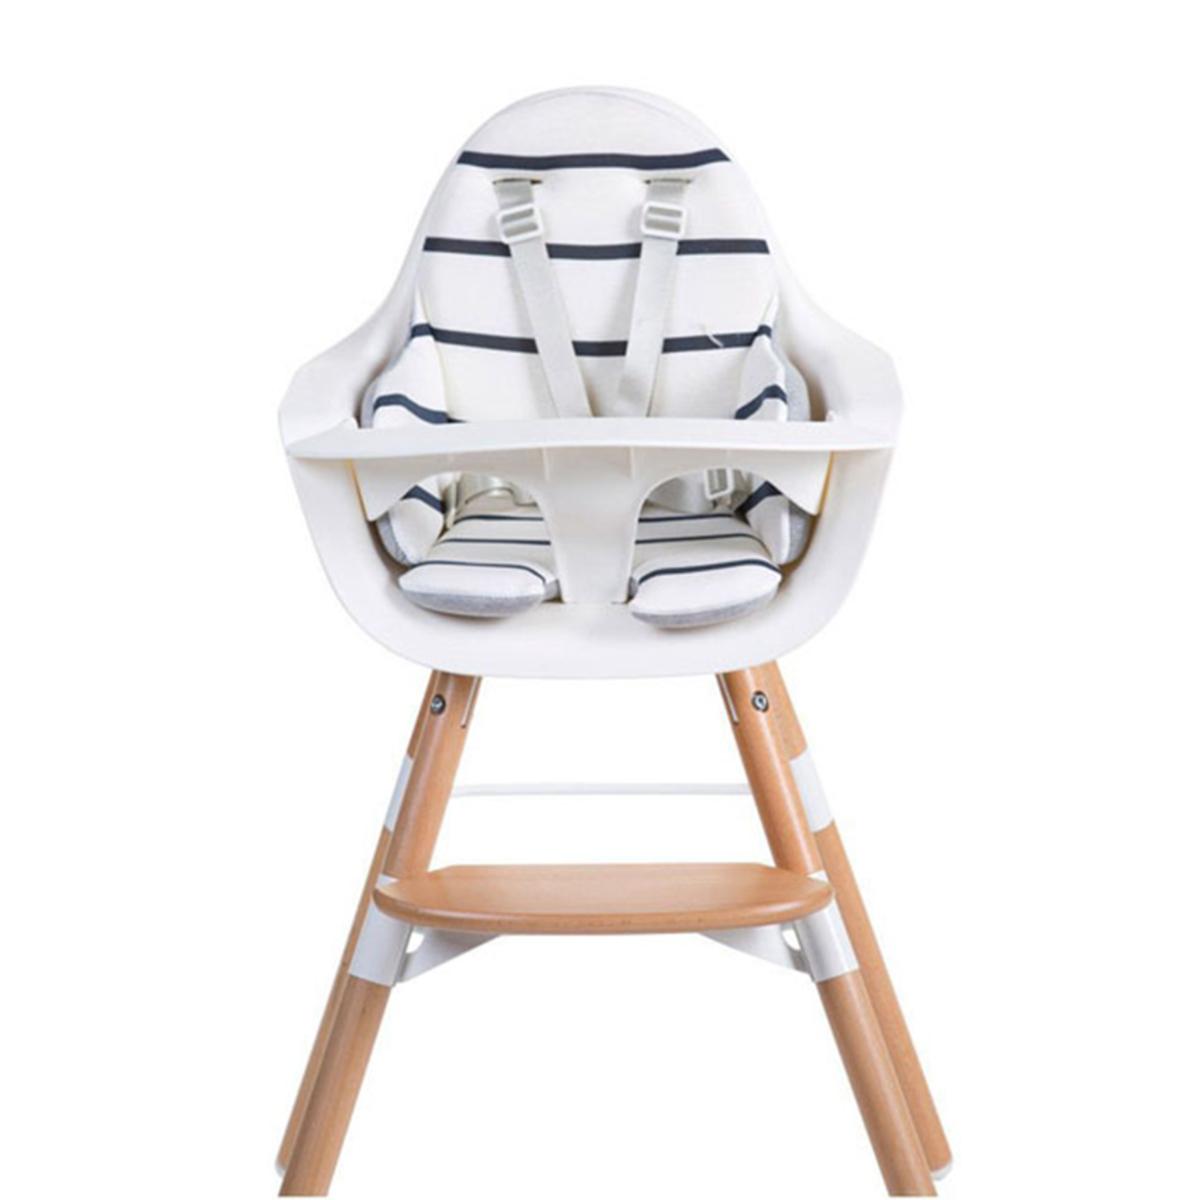 Chaise haute Coussin de Chaise Haute Jersey - Marin Coussin de Chaise Haute Jersey - Marin